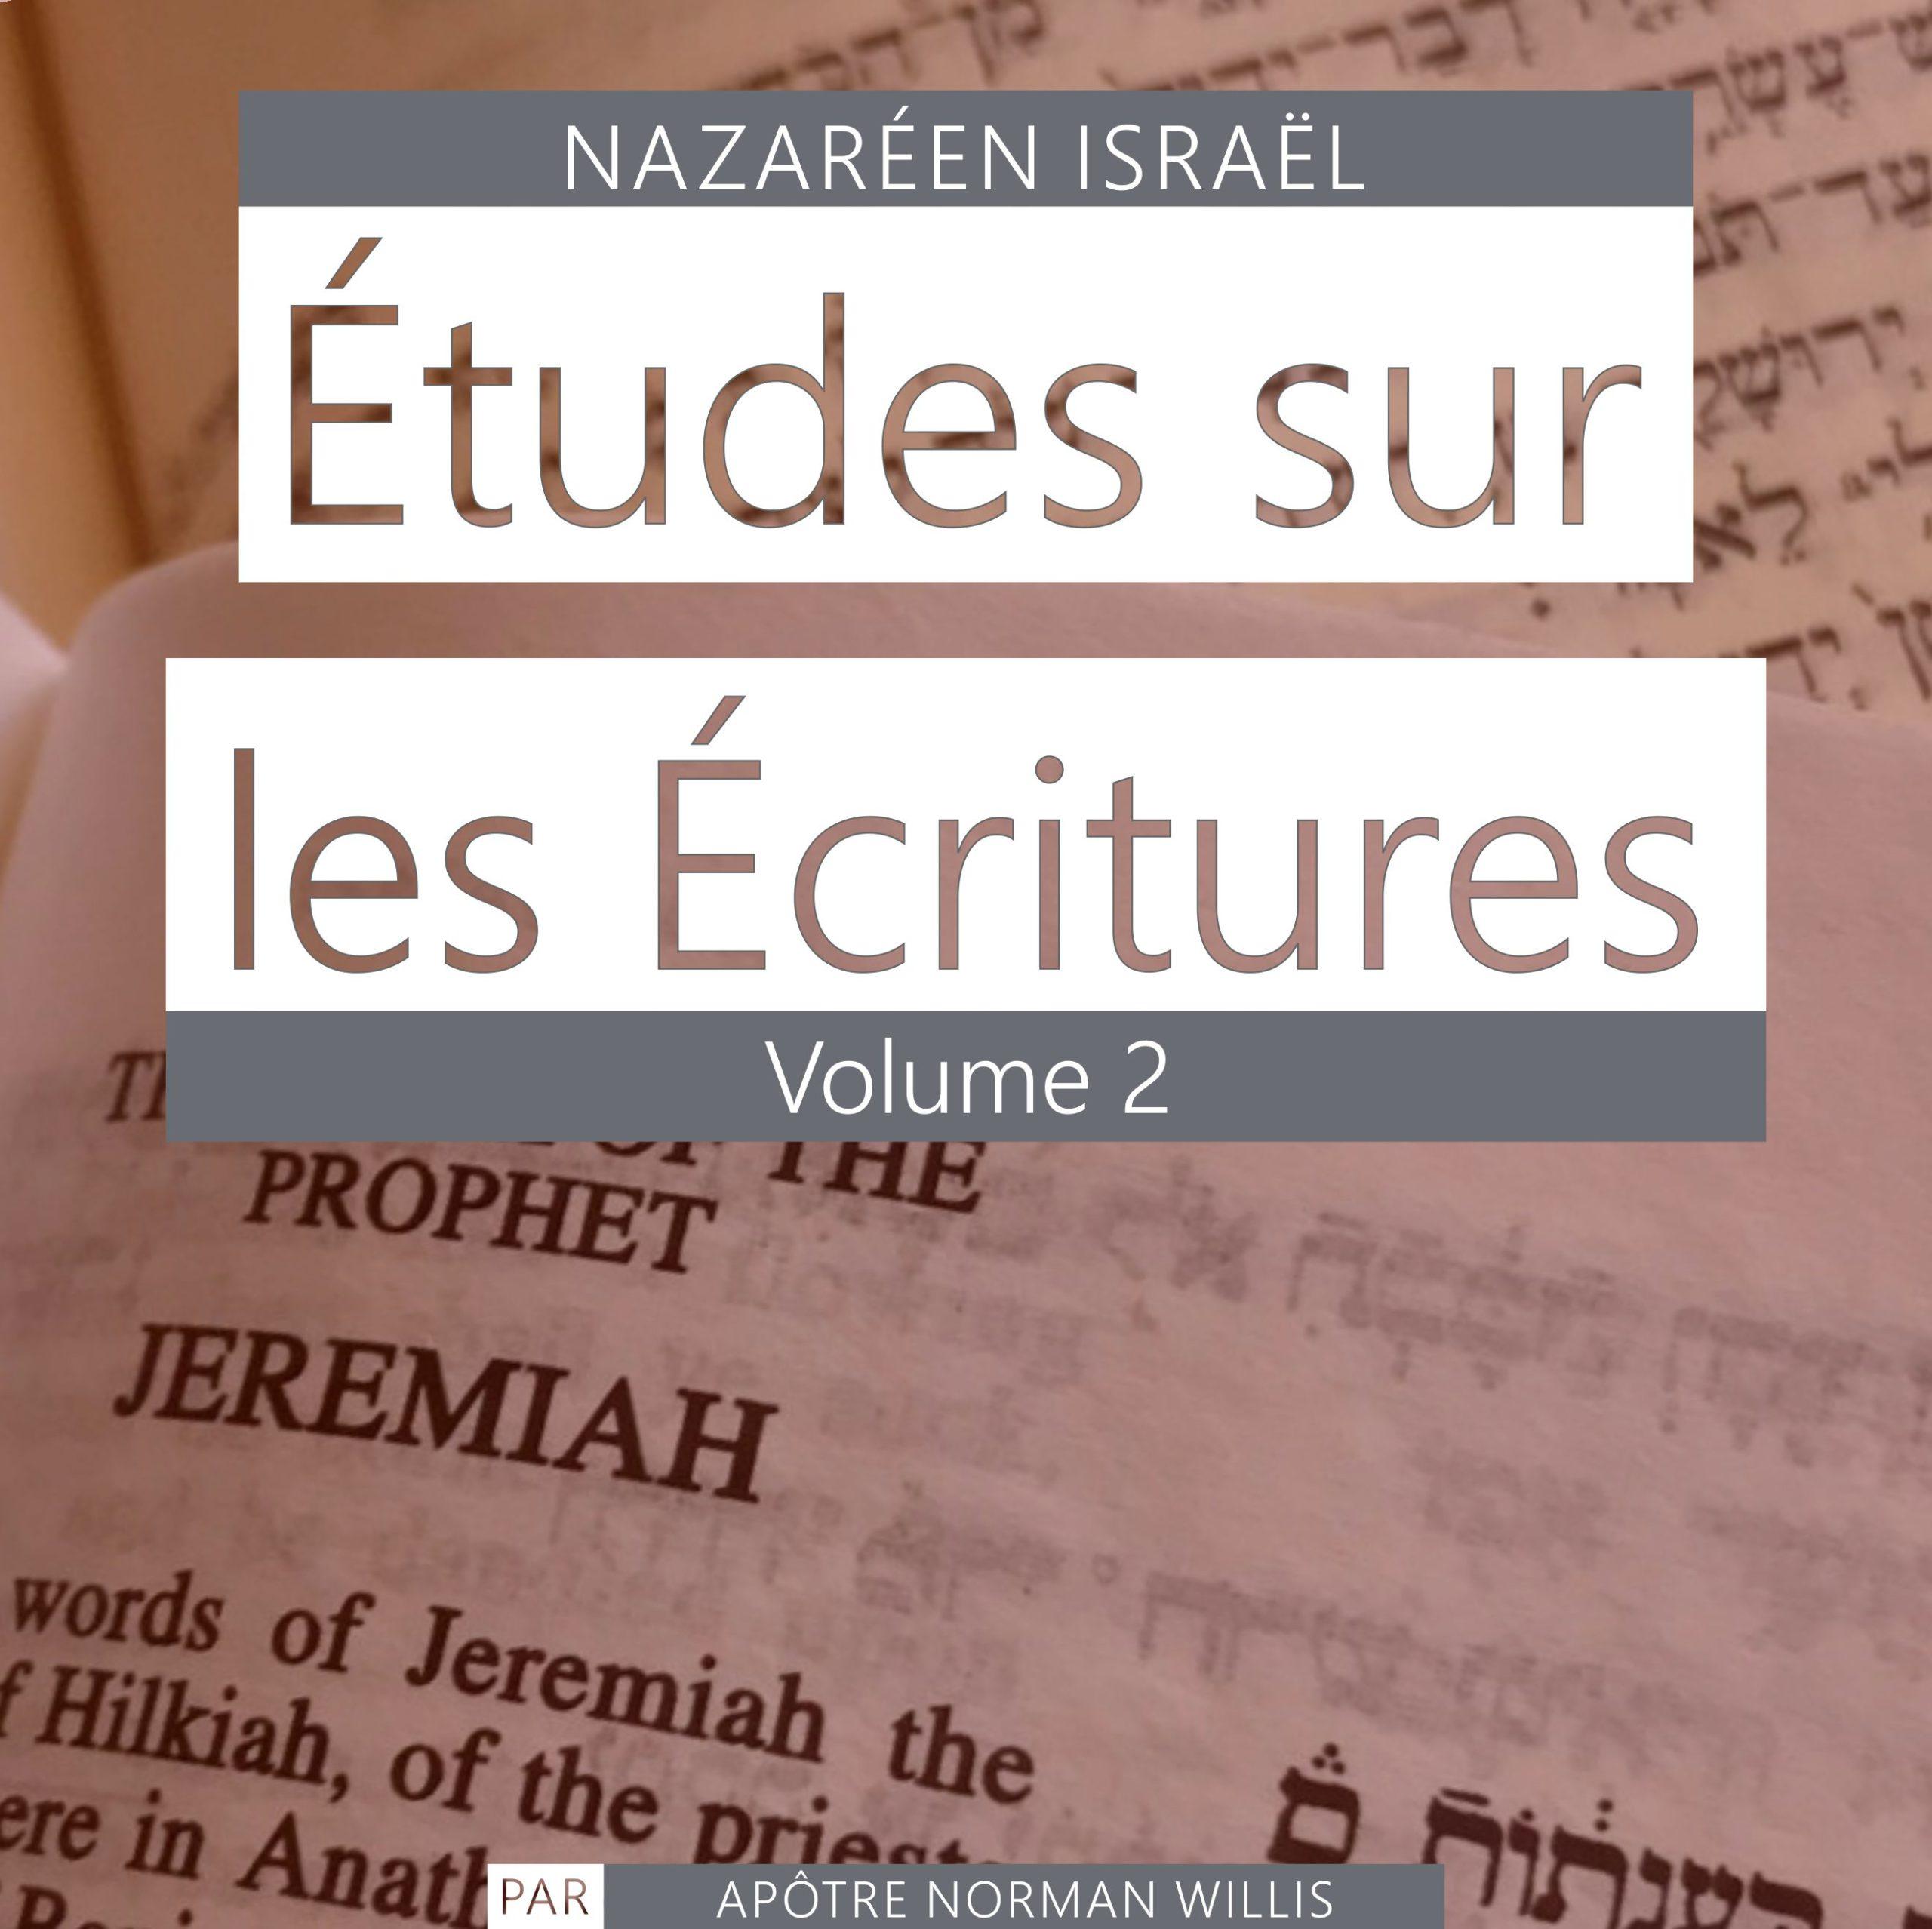 Nazaréen Écriture Études Vol. 2